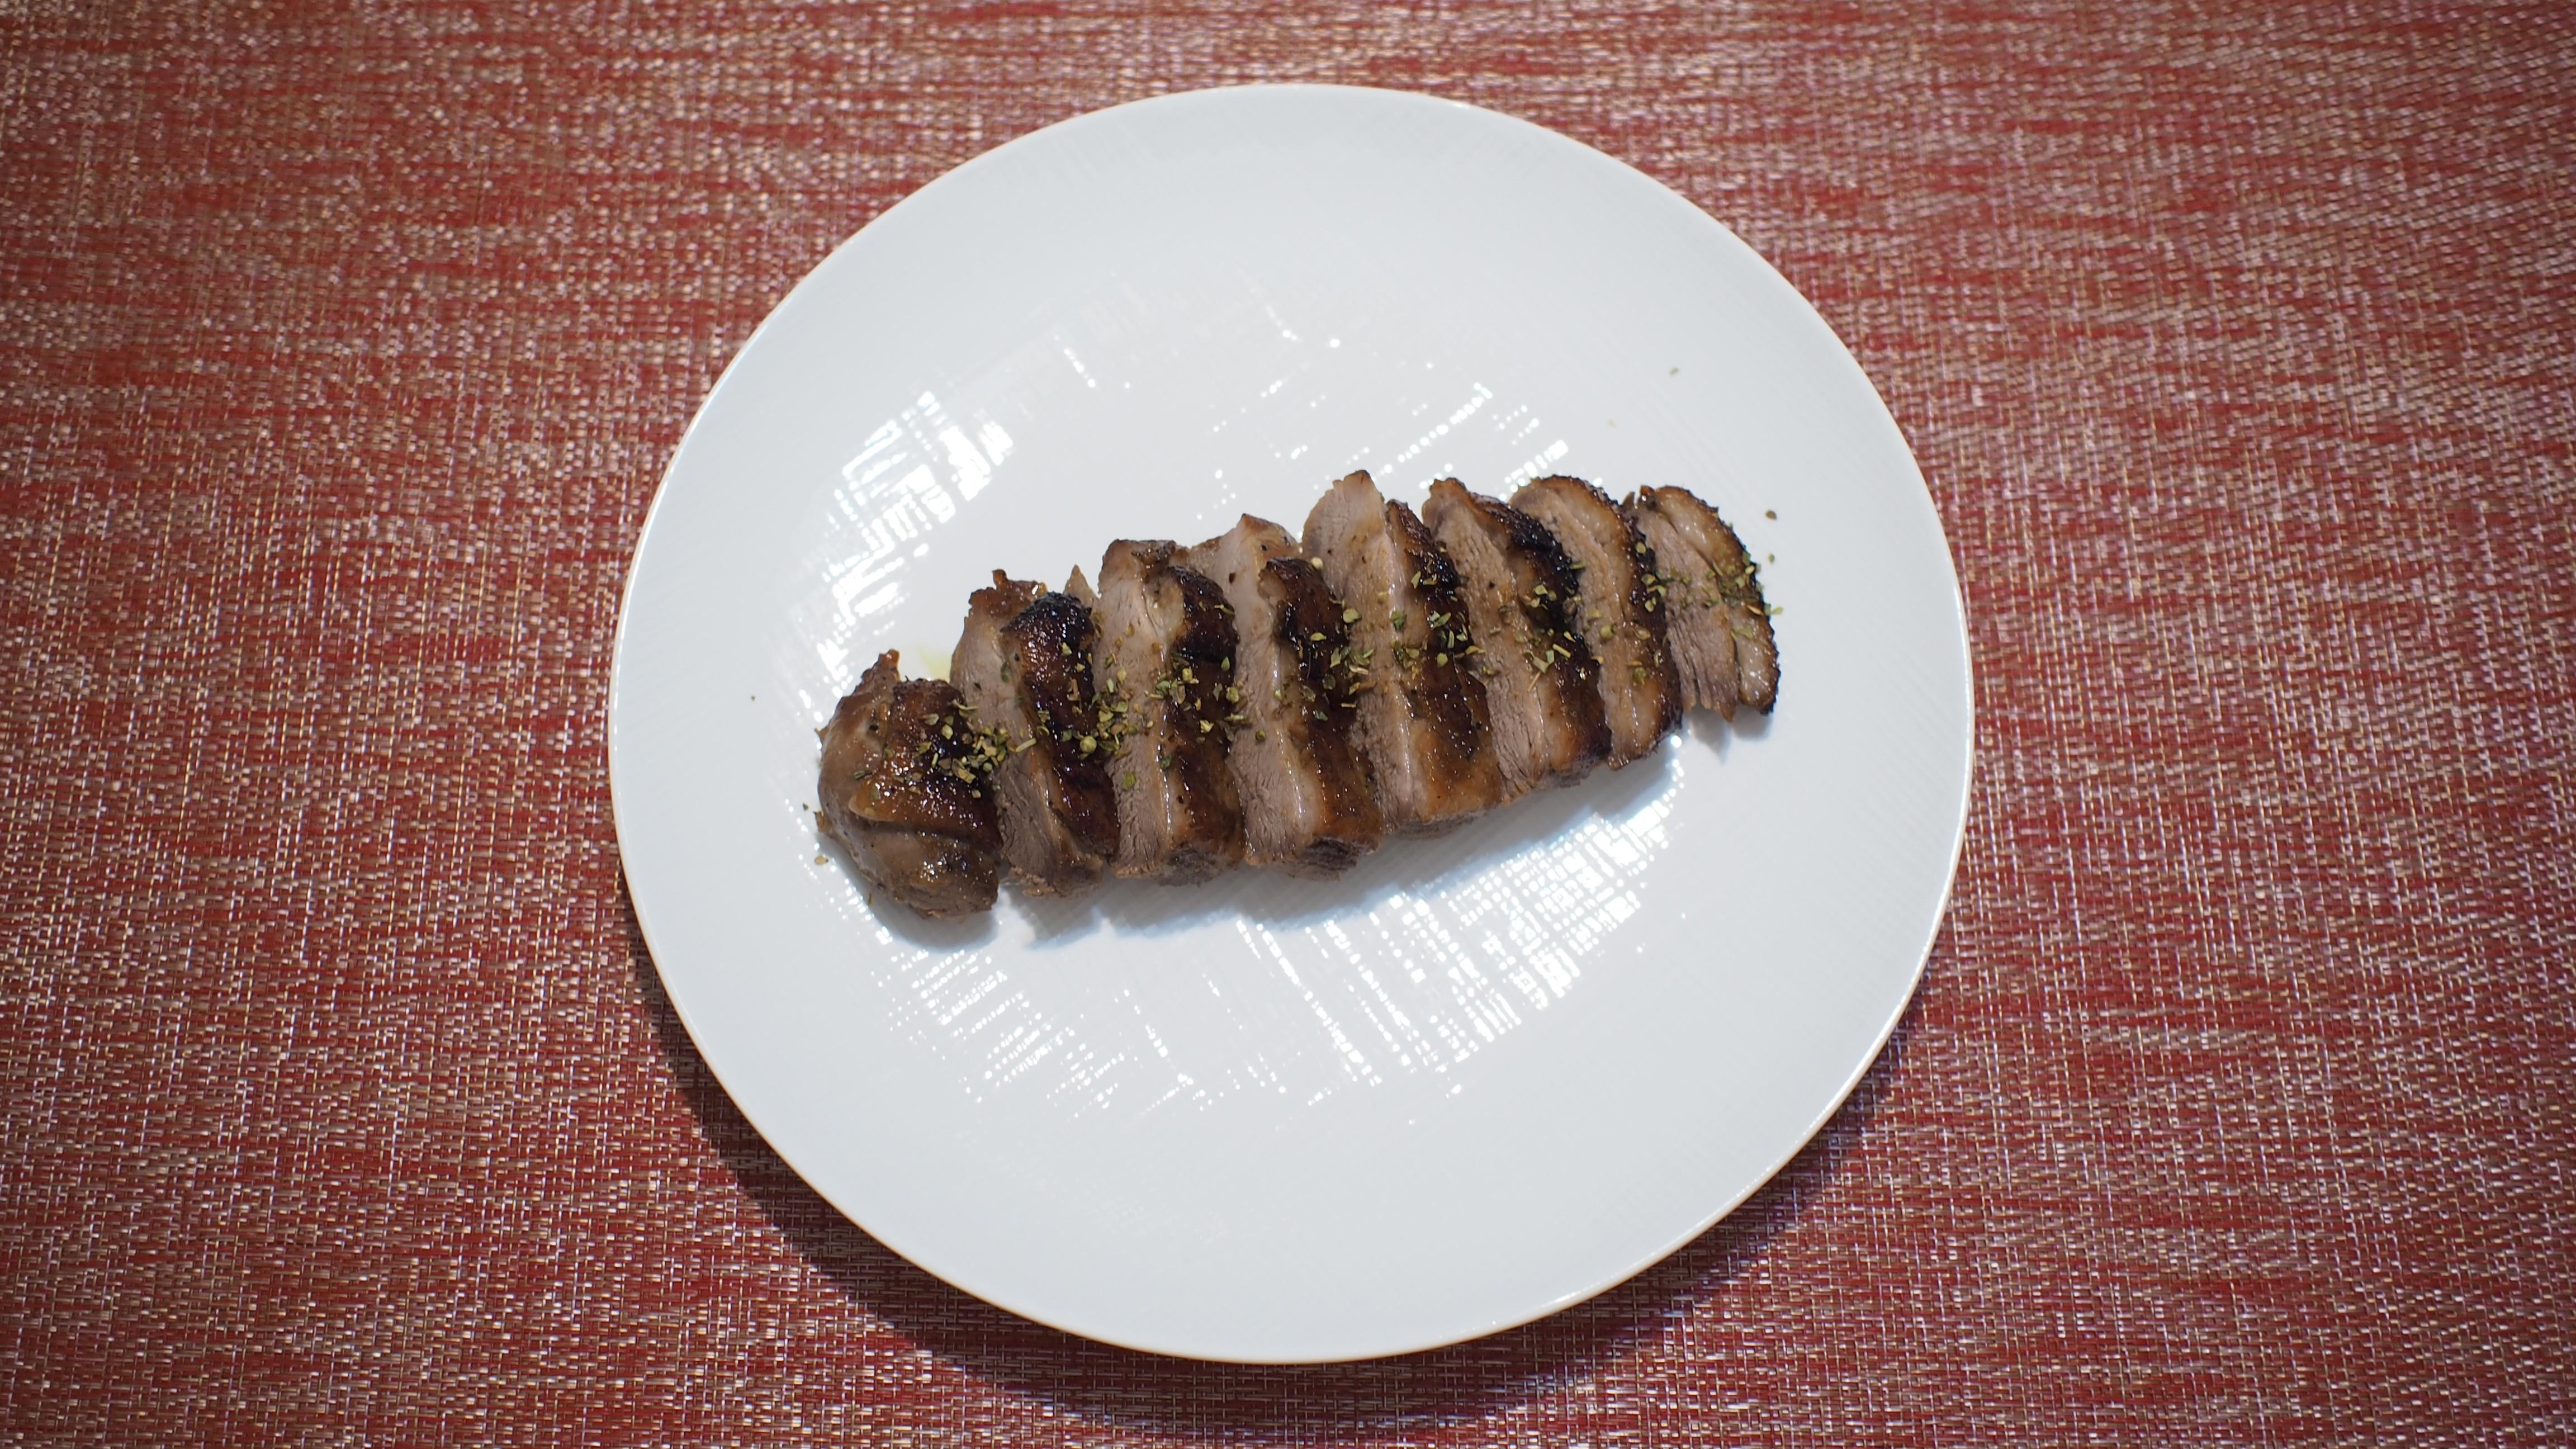 【烤箱料理】美味烤鴨胸 簡單好上手